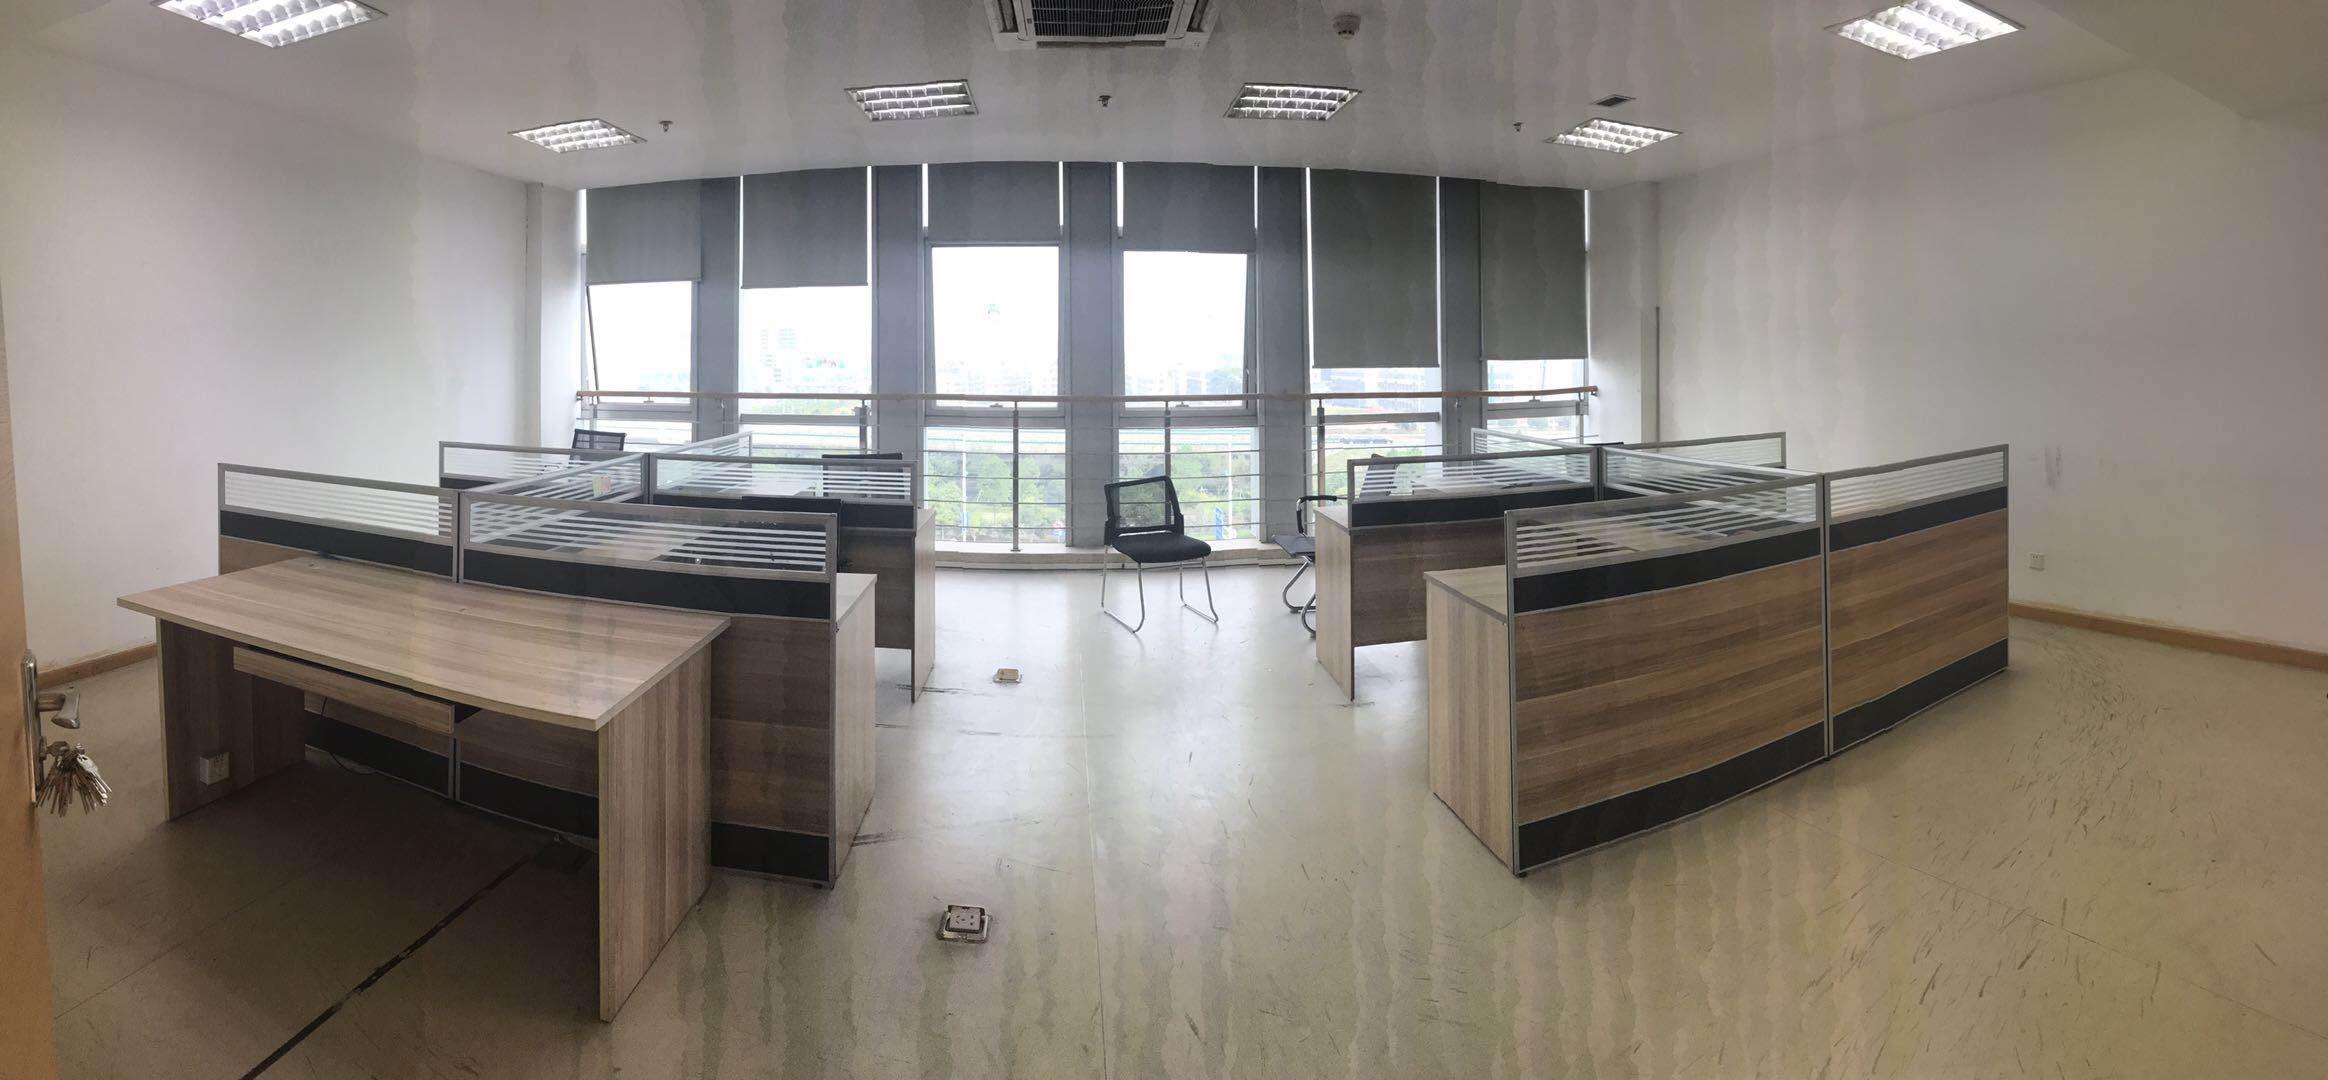 义乌港商务楼